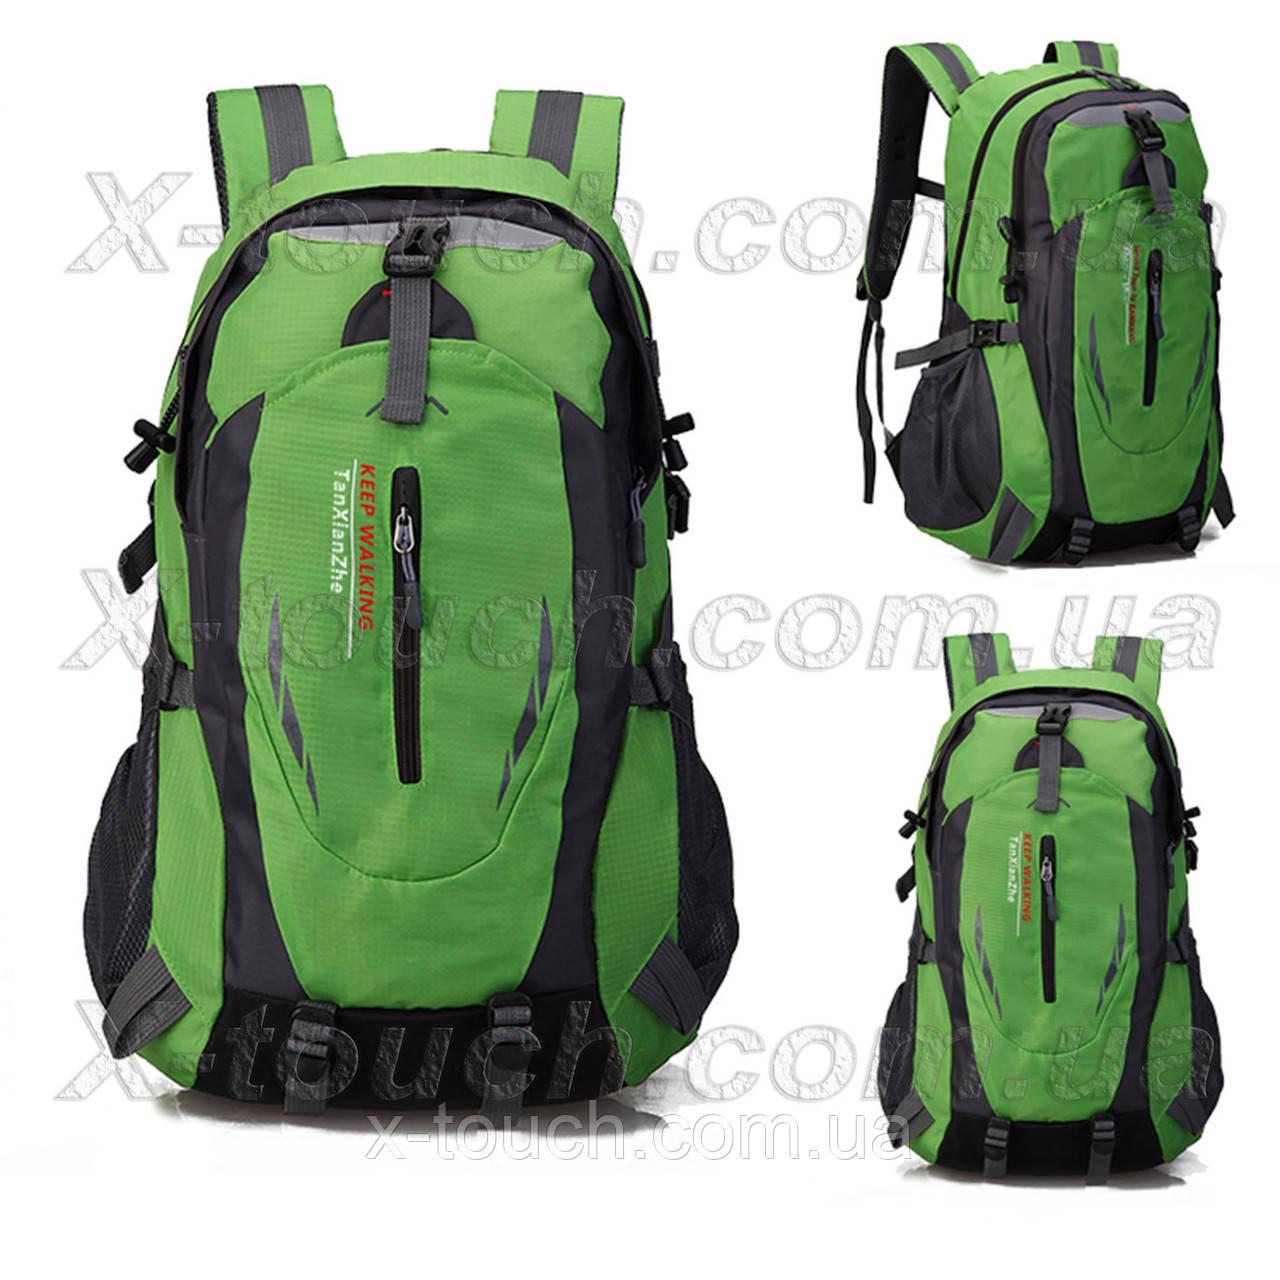 Туристический рюкзак непромокаемый Tan Xian Zhe, зеленый.